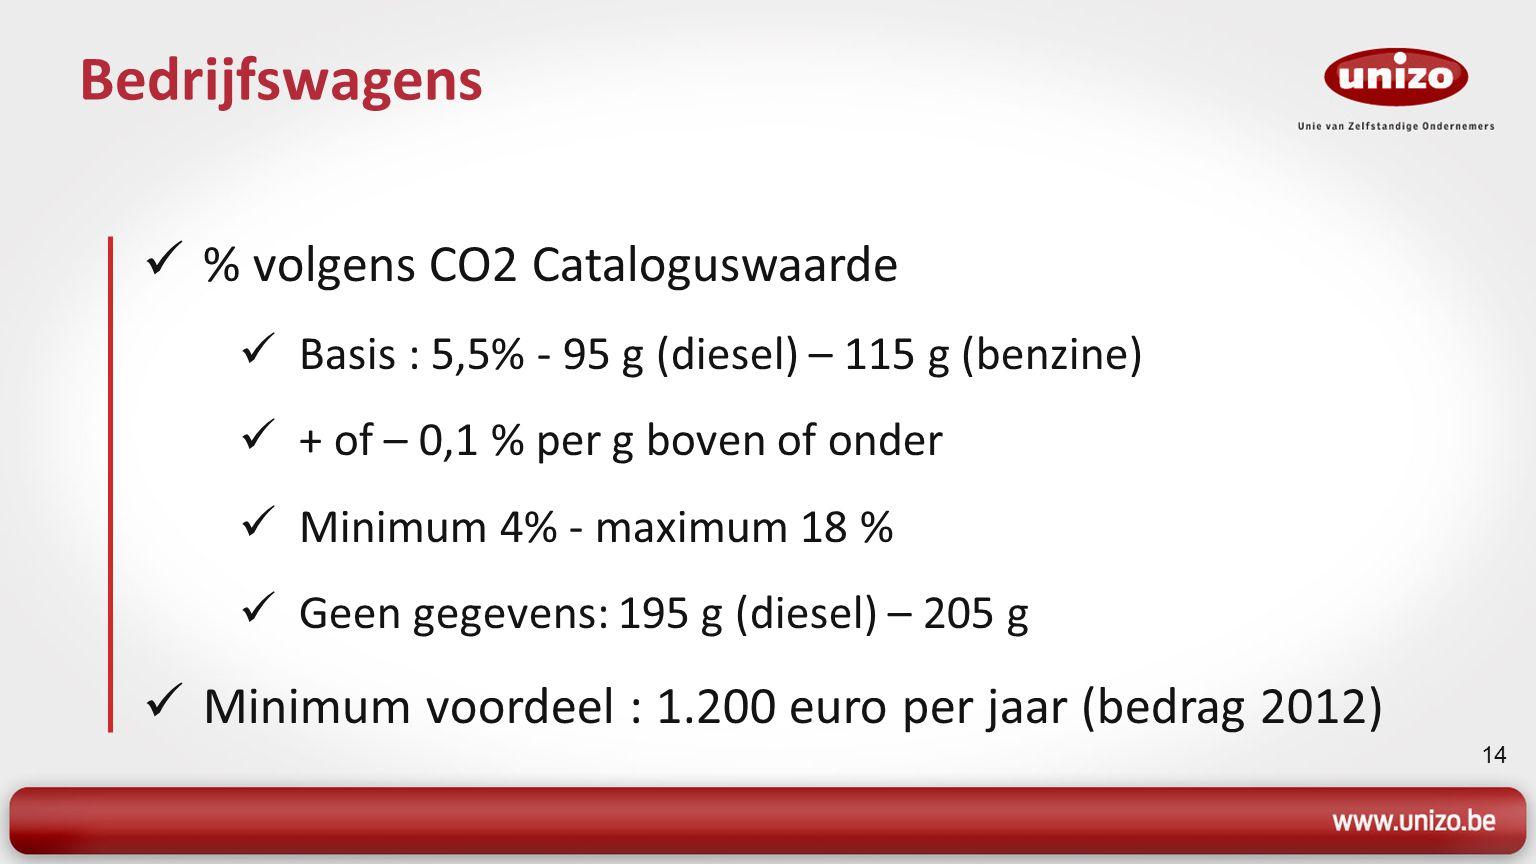 14 Bedrijfswagens % volgens CO2 Cataloguswaarde Basis : 5,5% - 95 g (diesel) – 115 g (benzine) + of – 0,1 % per g boven of onder Minimum 4% - maximum